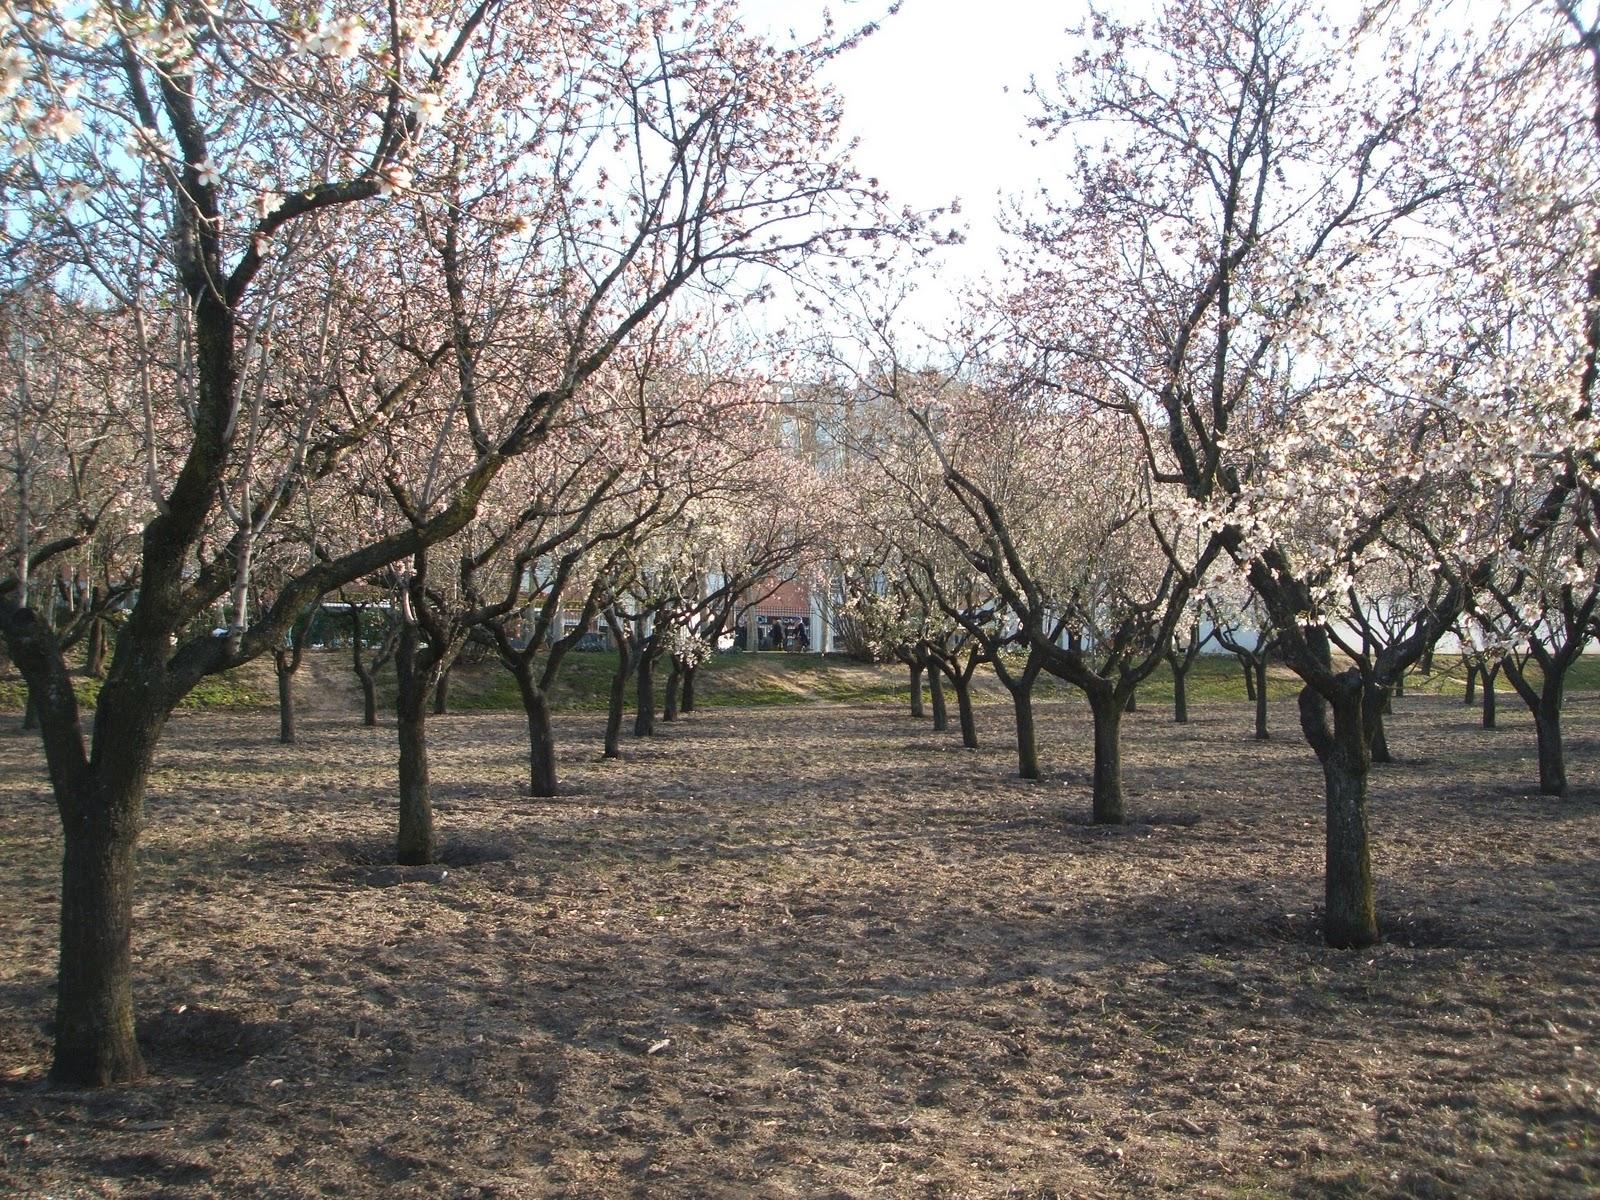 Ha llegado la primavera a la quinta de los molinos for Piso quinta de los molinos